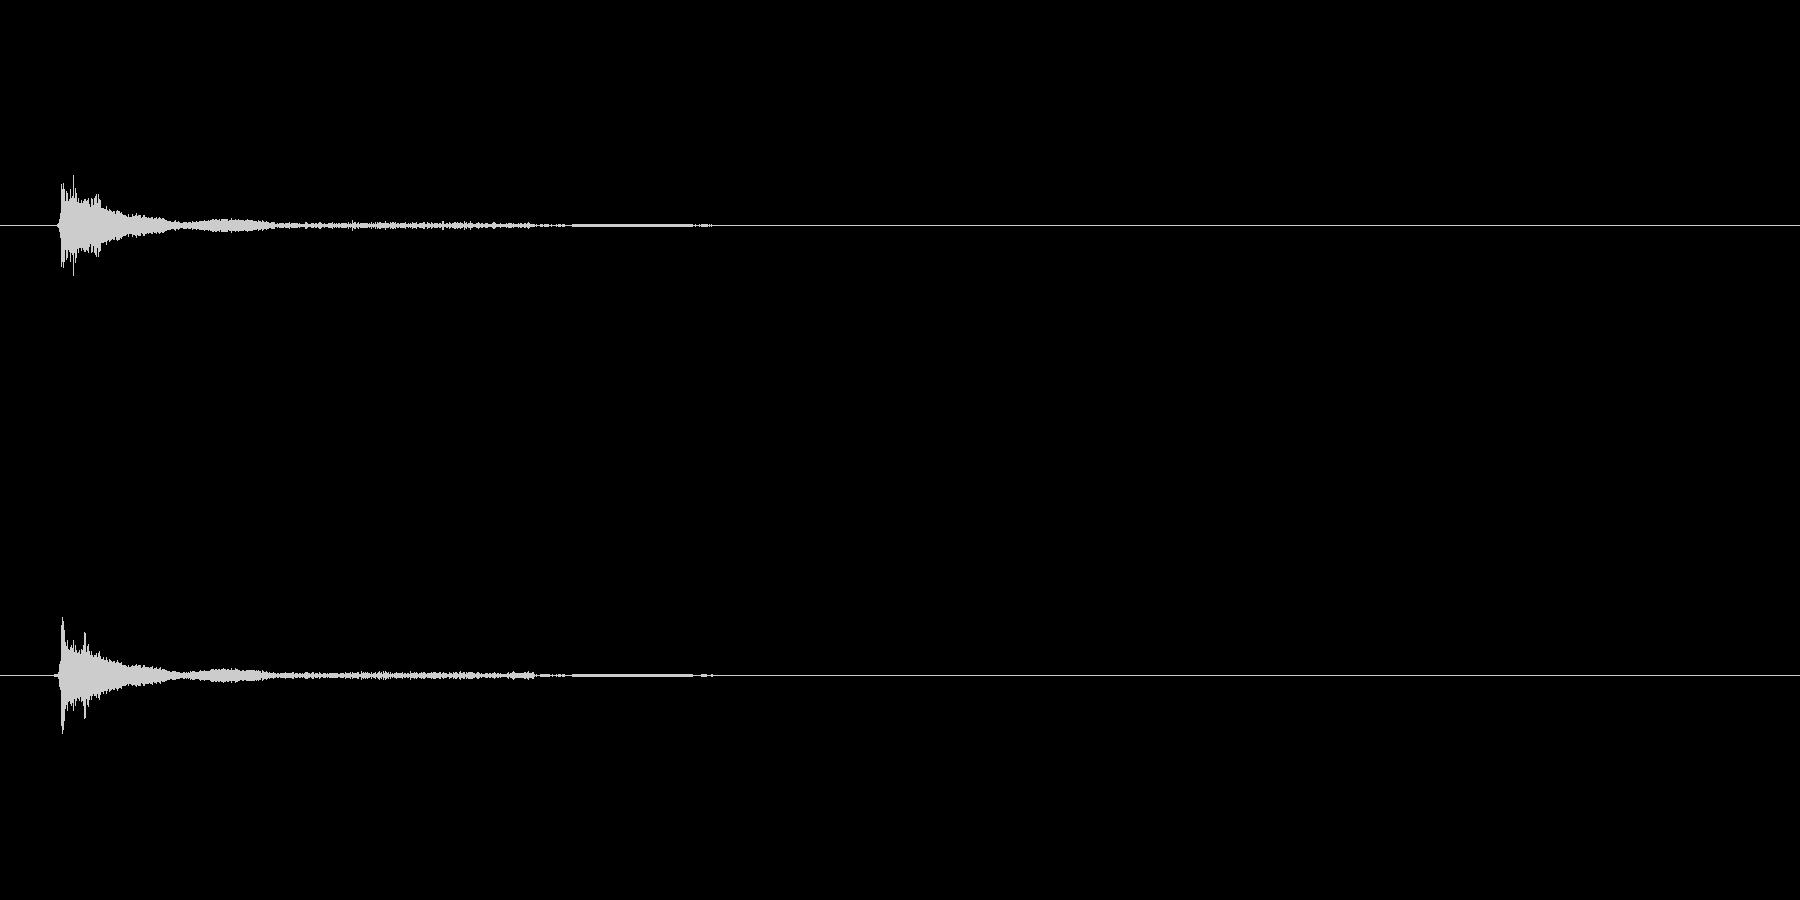 多目的効果音「ピッ」の未再生の波形